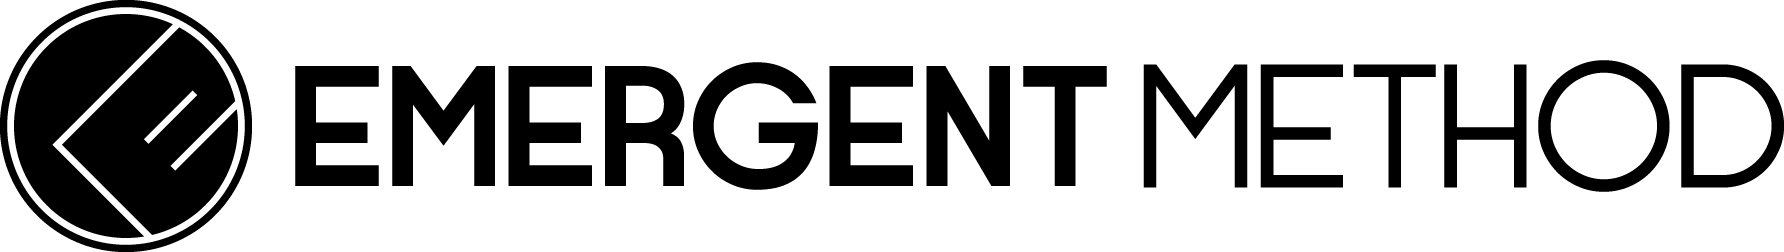 Emergent Method Primary Logo